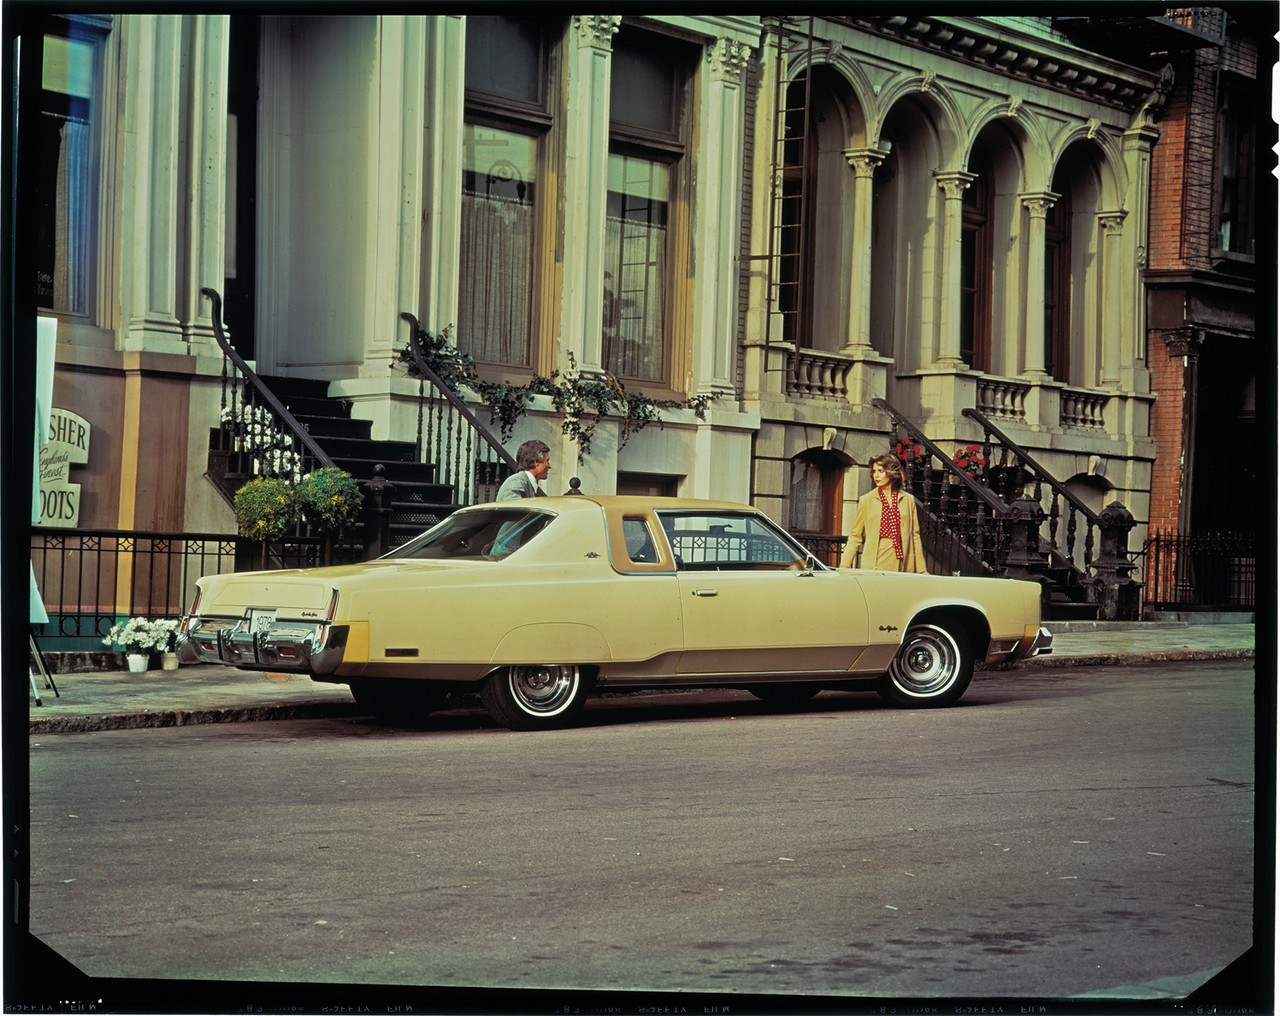 1978 модельный год был последним в Америке, когда полноразмерники царили на площадках автодилеров.